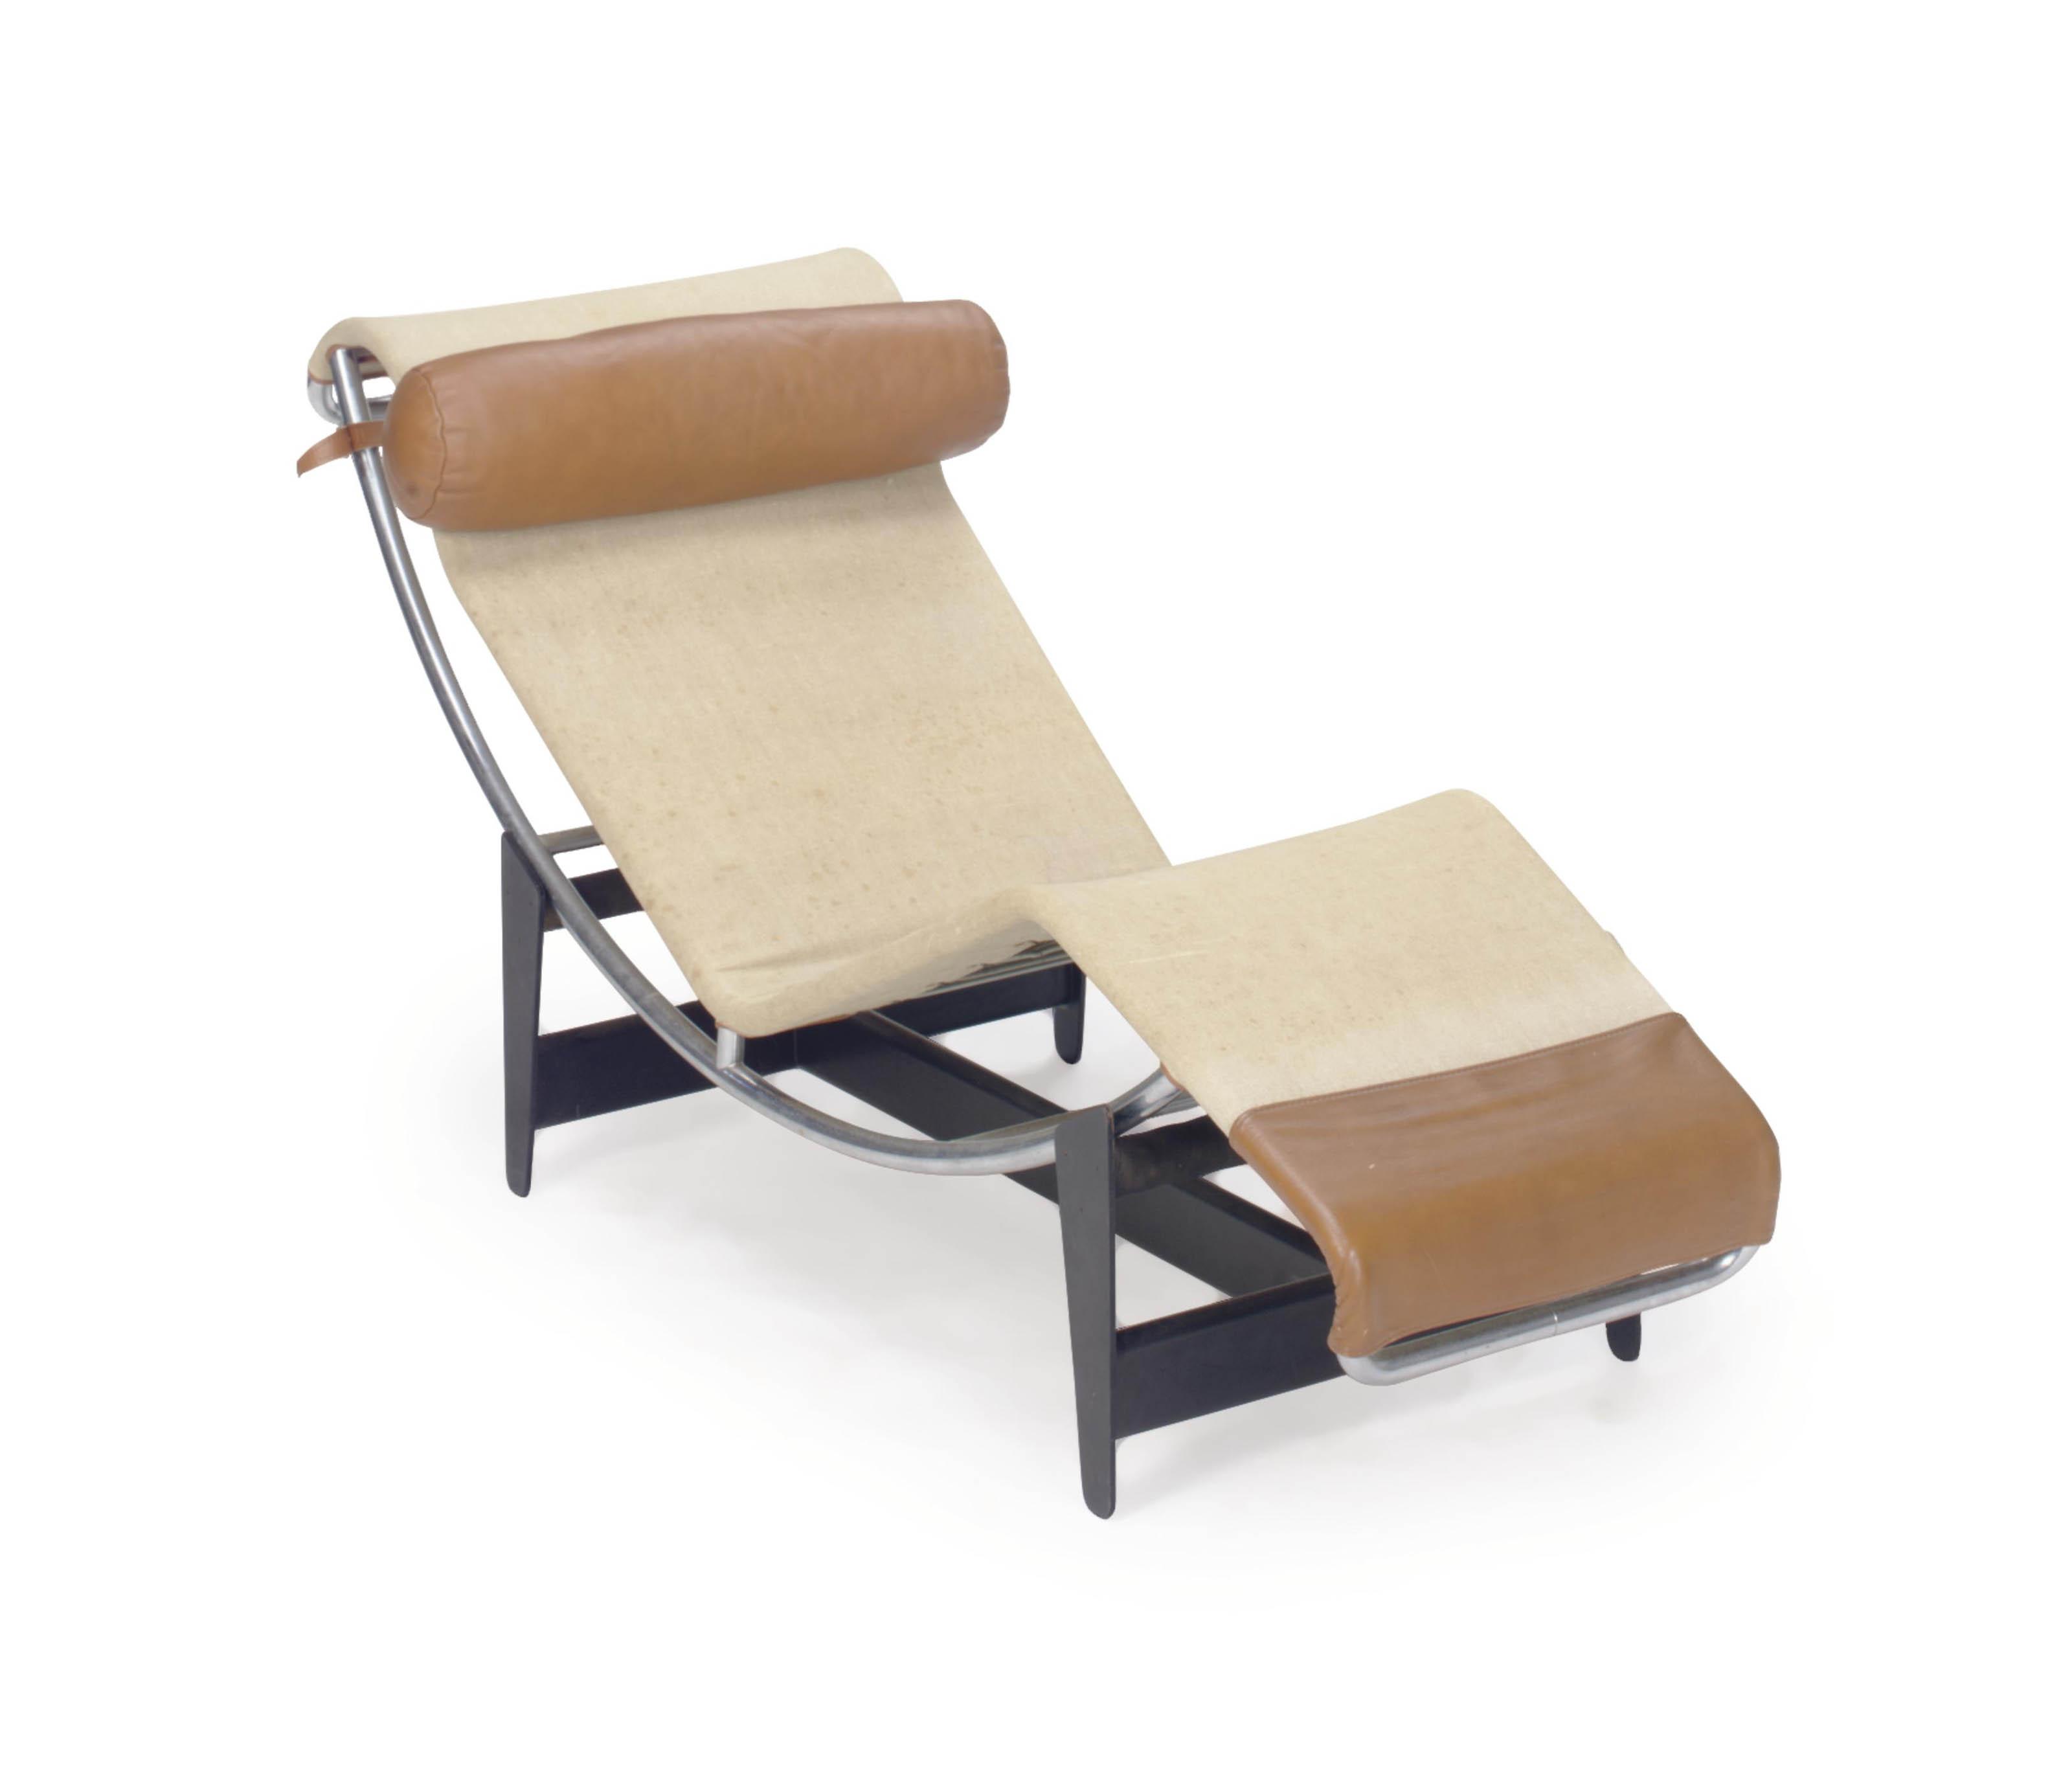 Longue chaise simple chaise bois exterieur chaise longue for Chaise simple